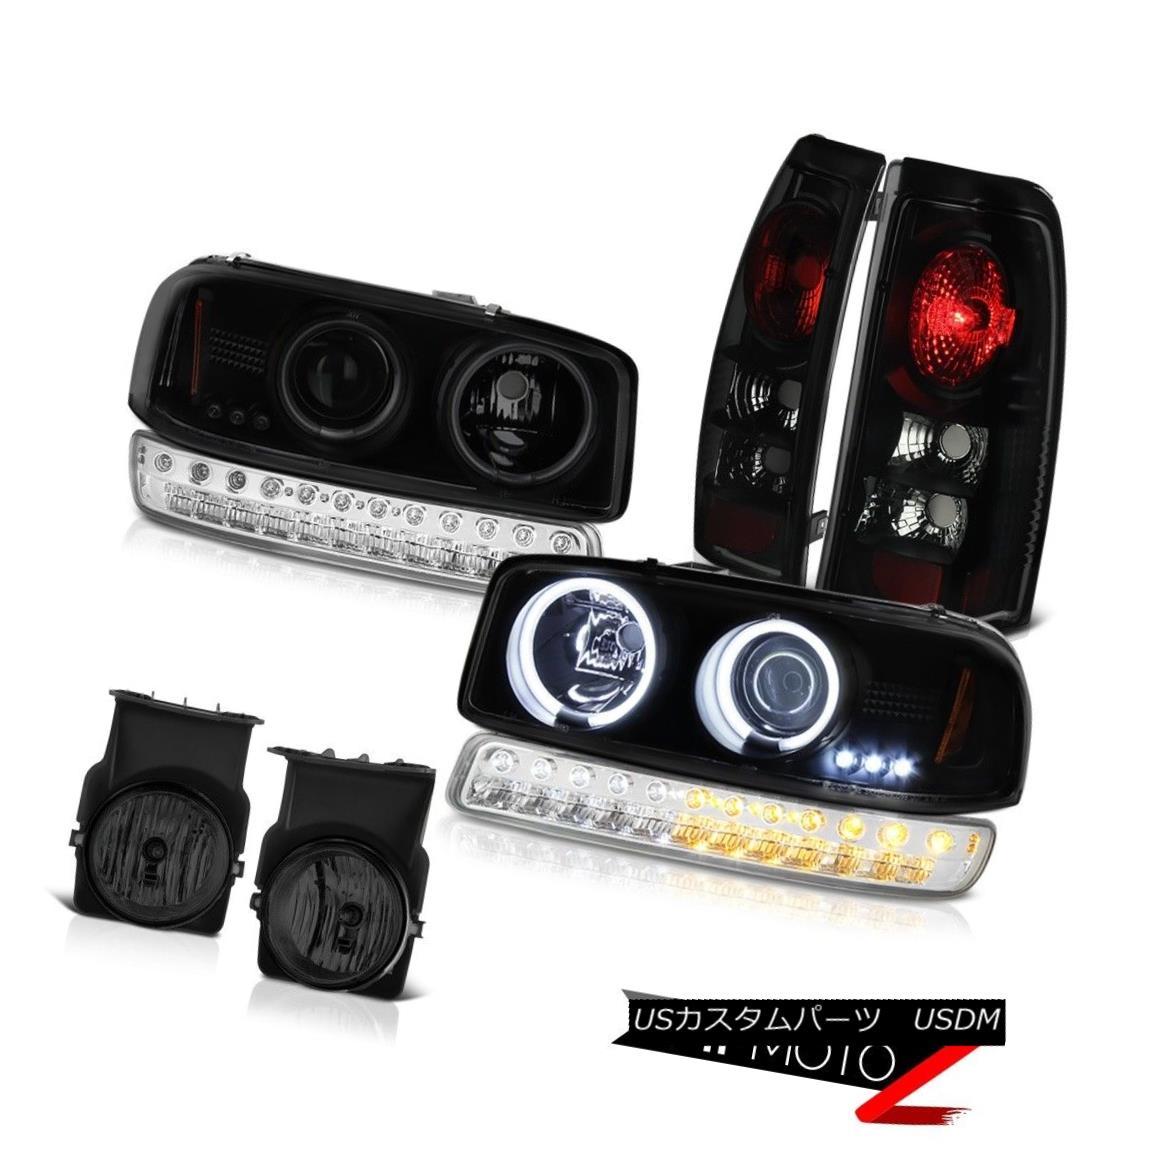 テールライト 03-06 Sierra 3500HD Graphite Smoke Fog Lights Tail Lamps Turn Signal Headlamps 03-06 Sierra 3500HDグラファイト煙霧灯テールランプターンシグナルヘッドランプ